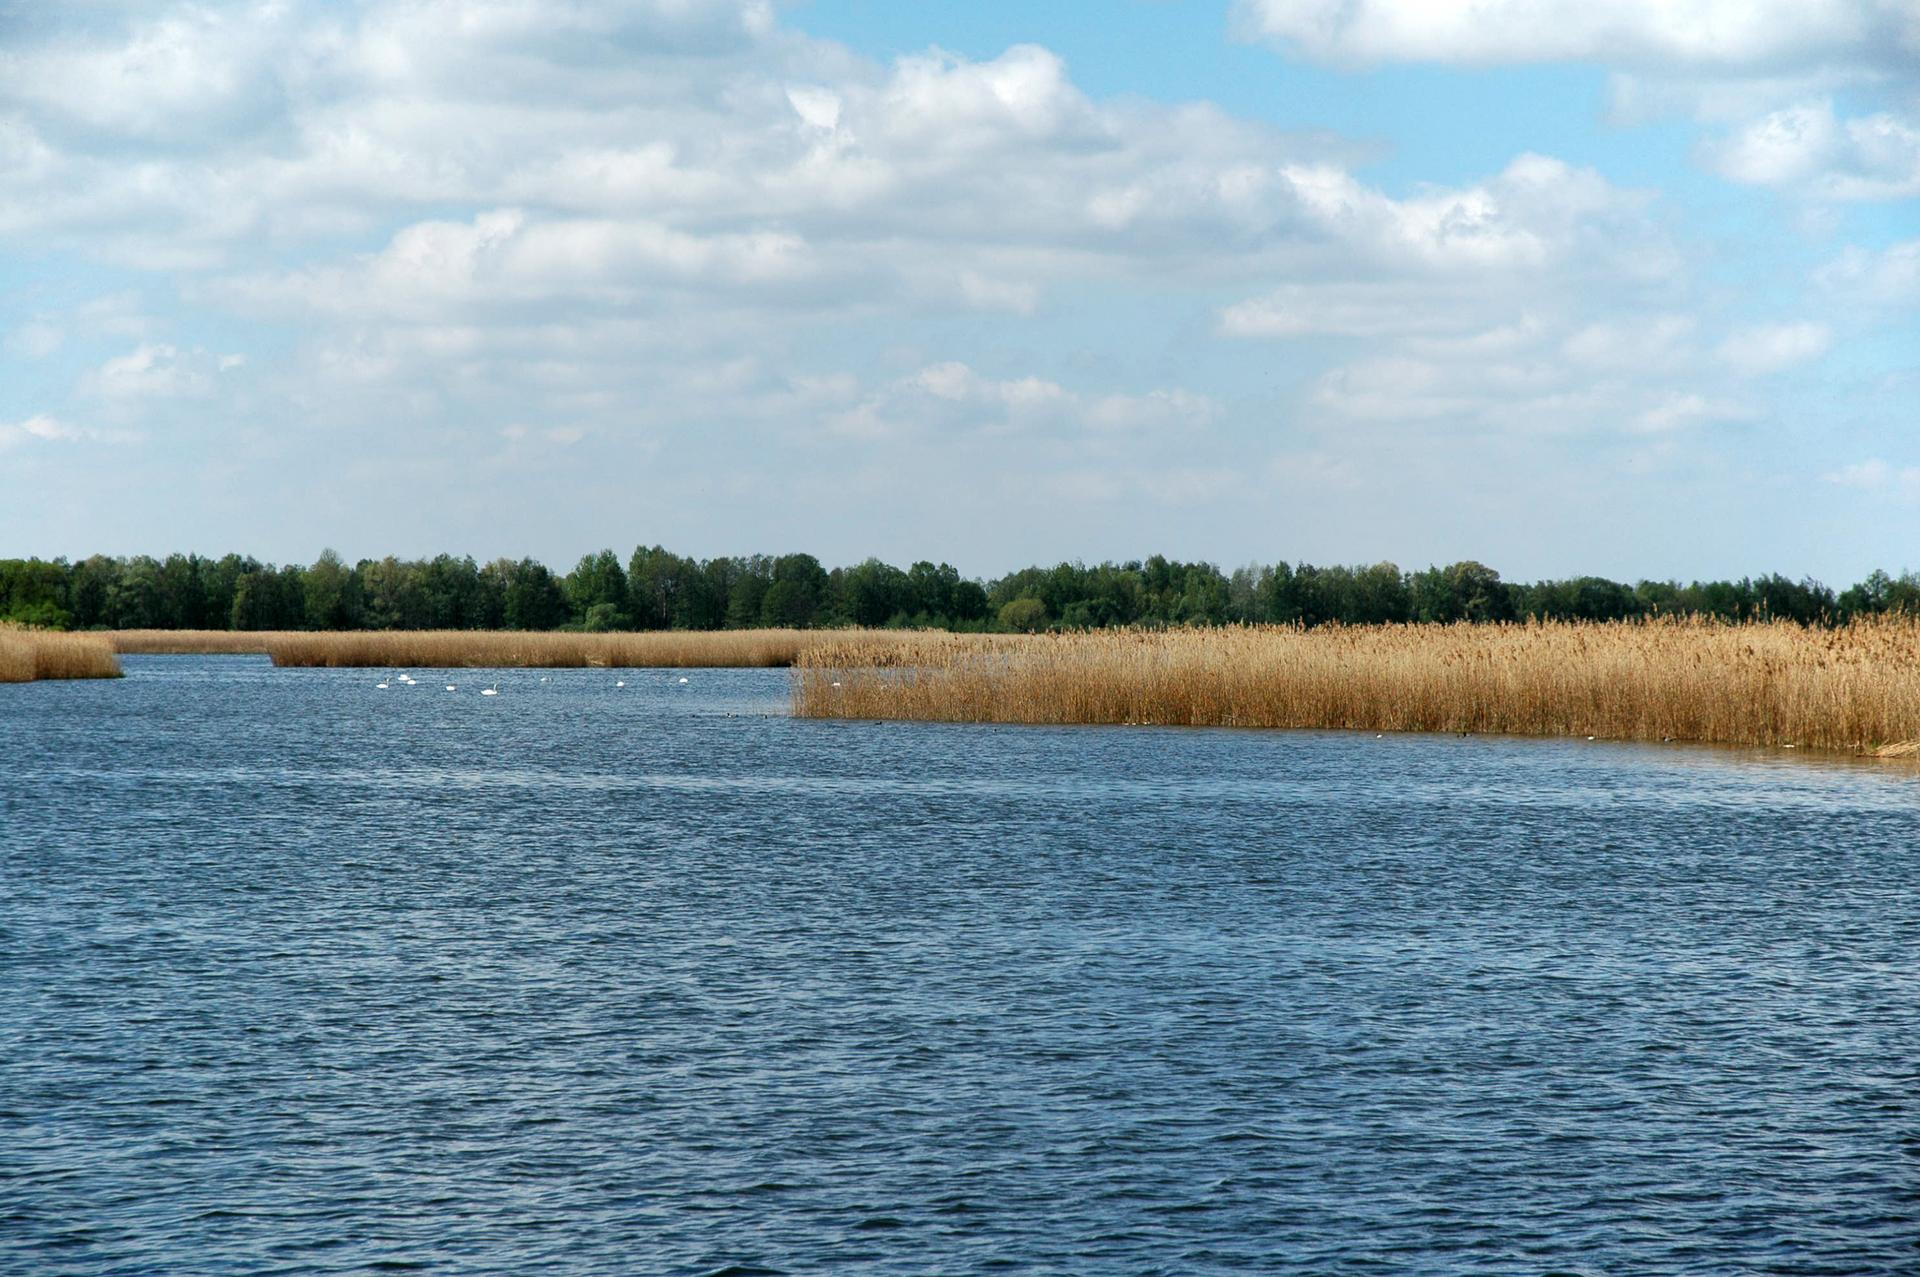 Fotografia prezentuje jeden ze stawów milickich. Widoczny rozległy zbiornik zlicznymi trzcinowiskami.